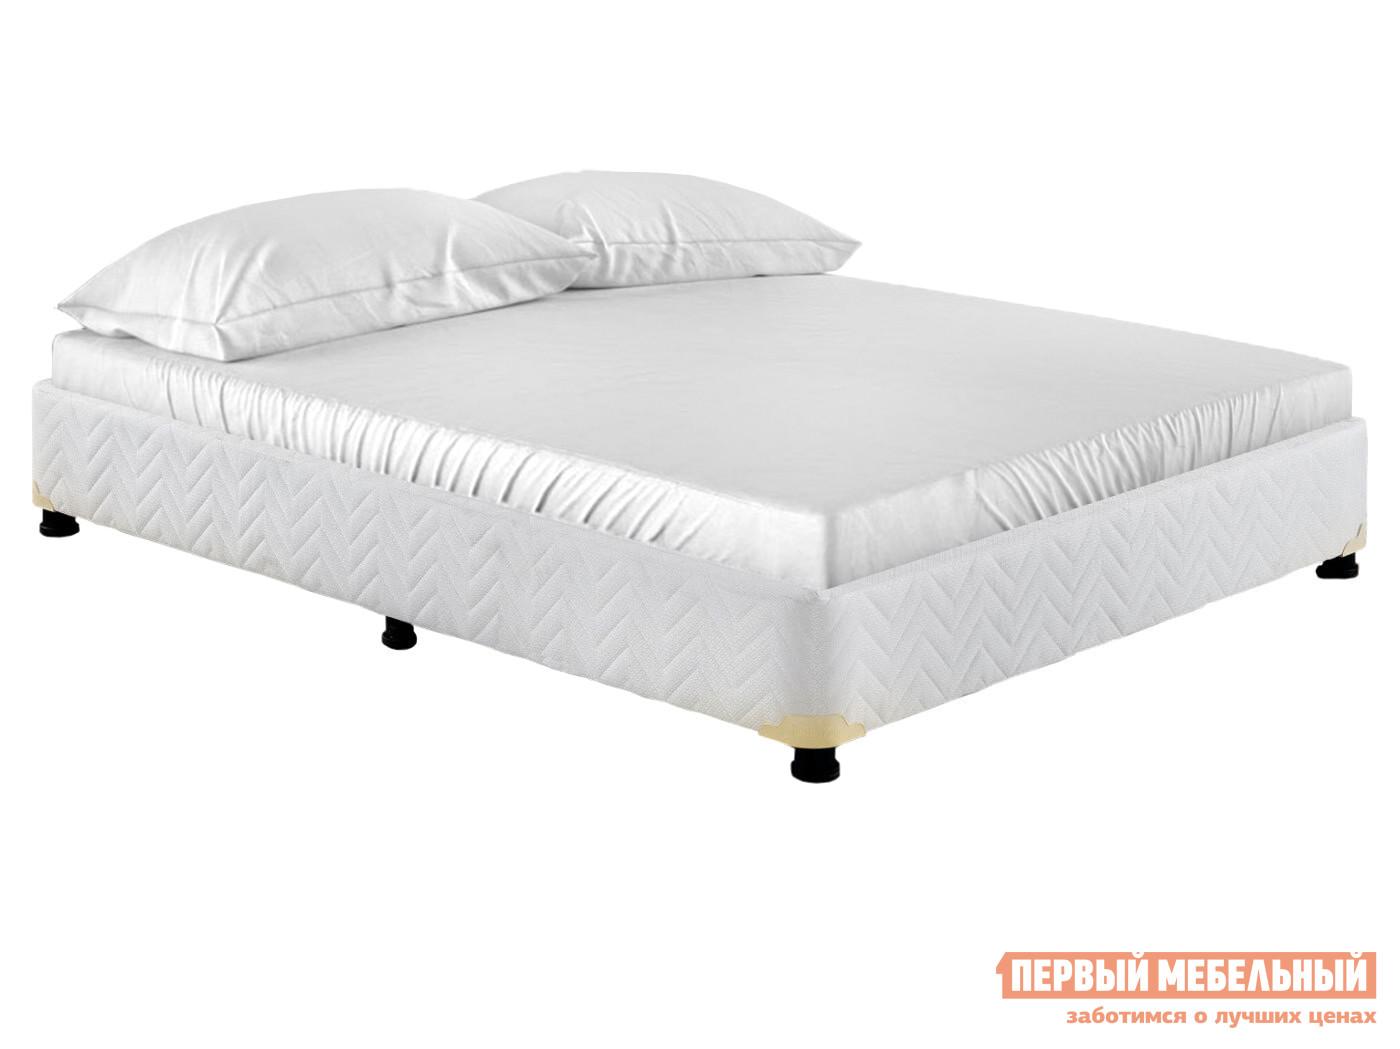 Двуспальная кровать  База кровати универсал 140х200, 160х200, 180х200 Белый, 1400 Х 2000 мм